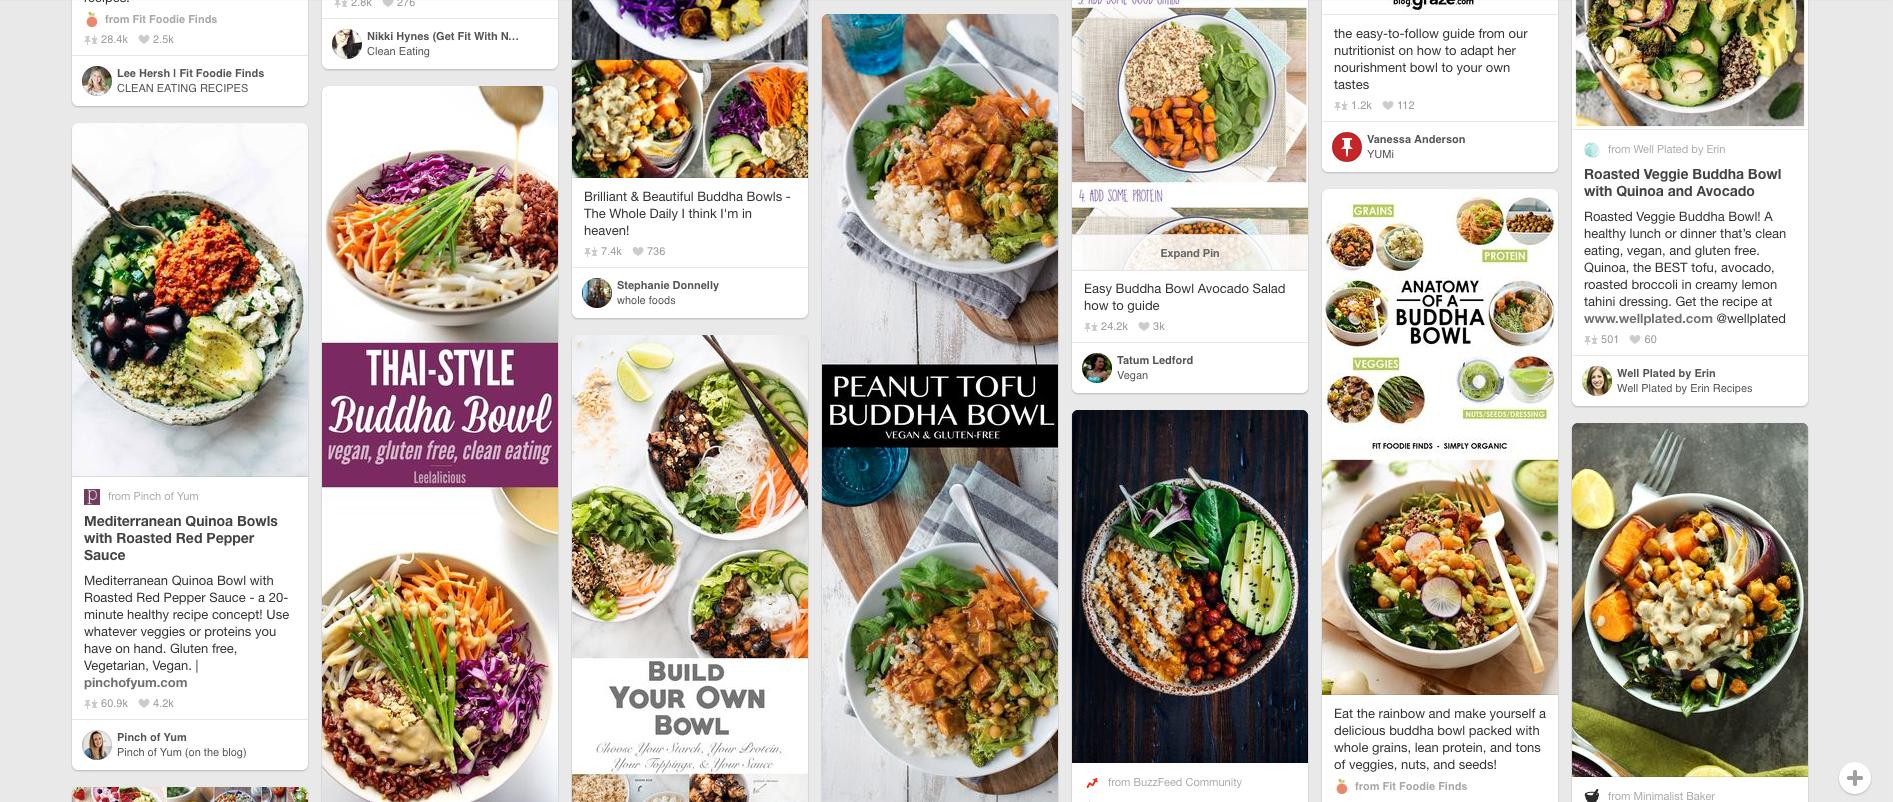 Si l'on en croit Pinterest, le super bowl a tout bon